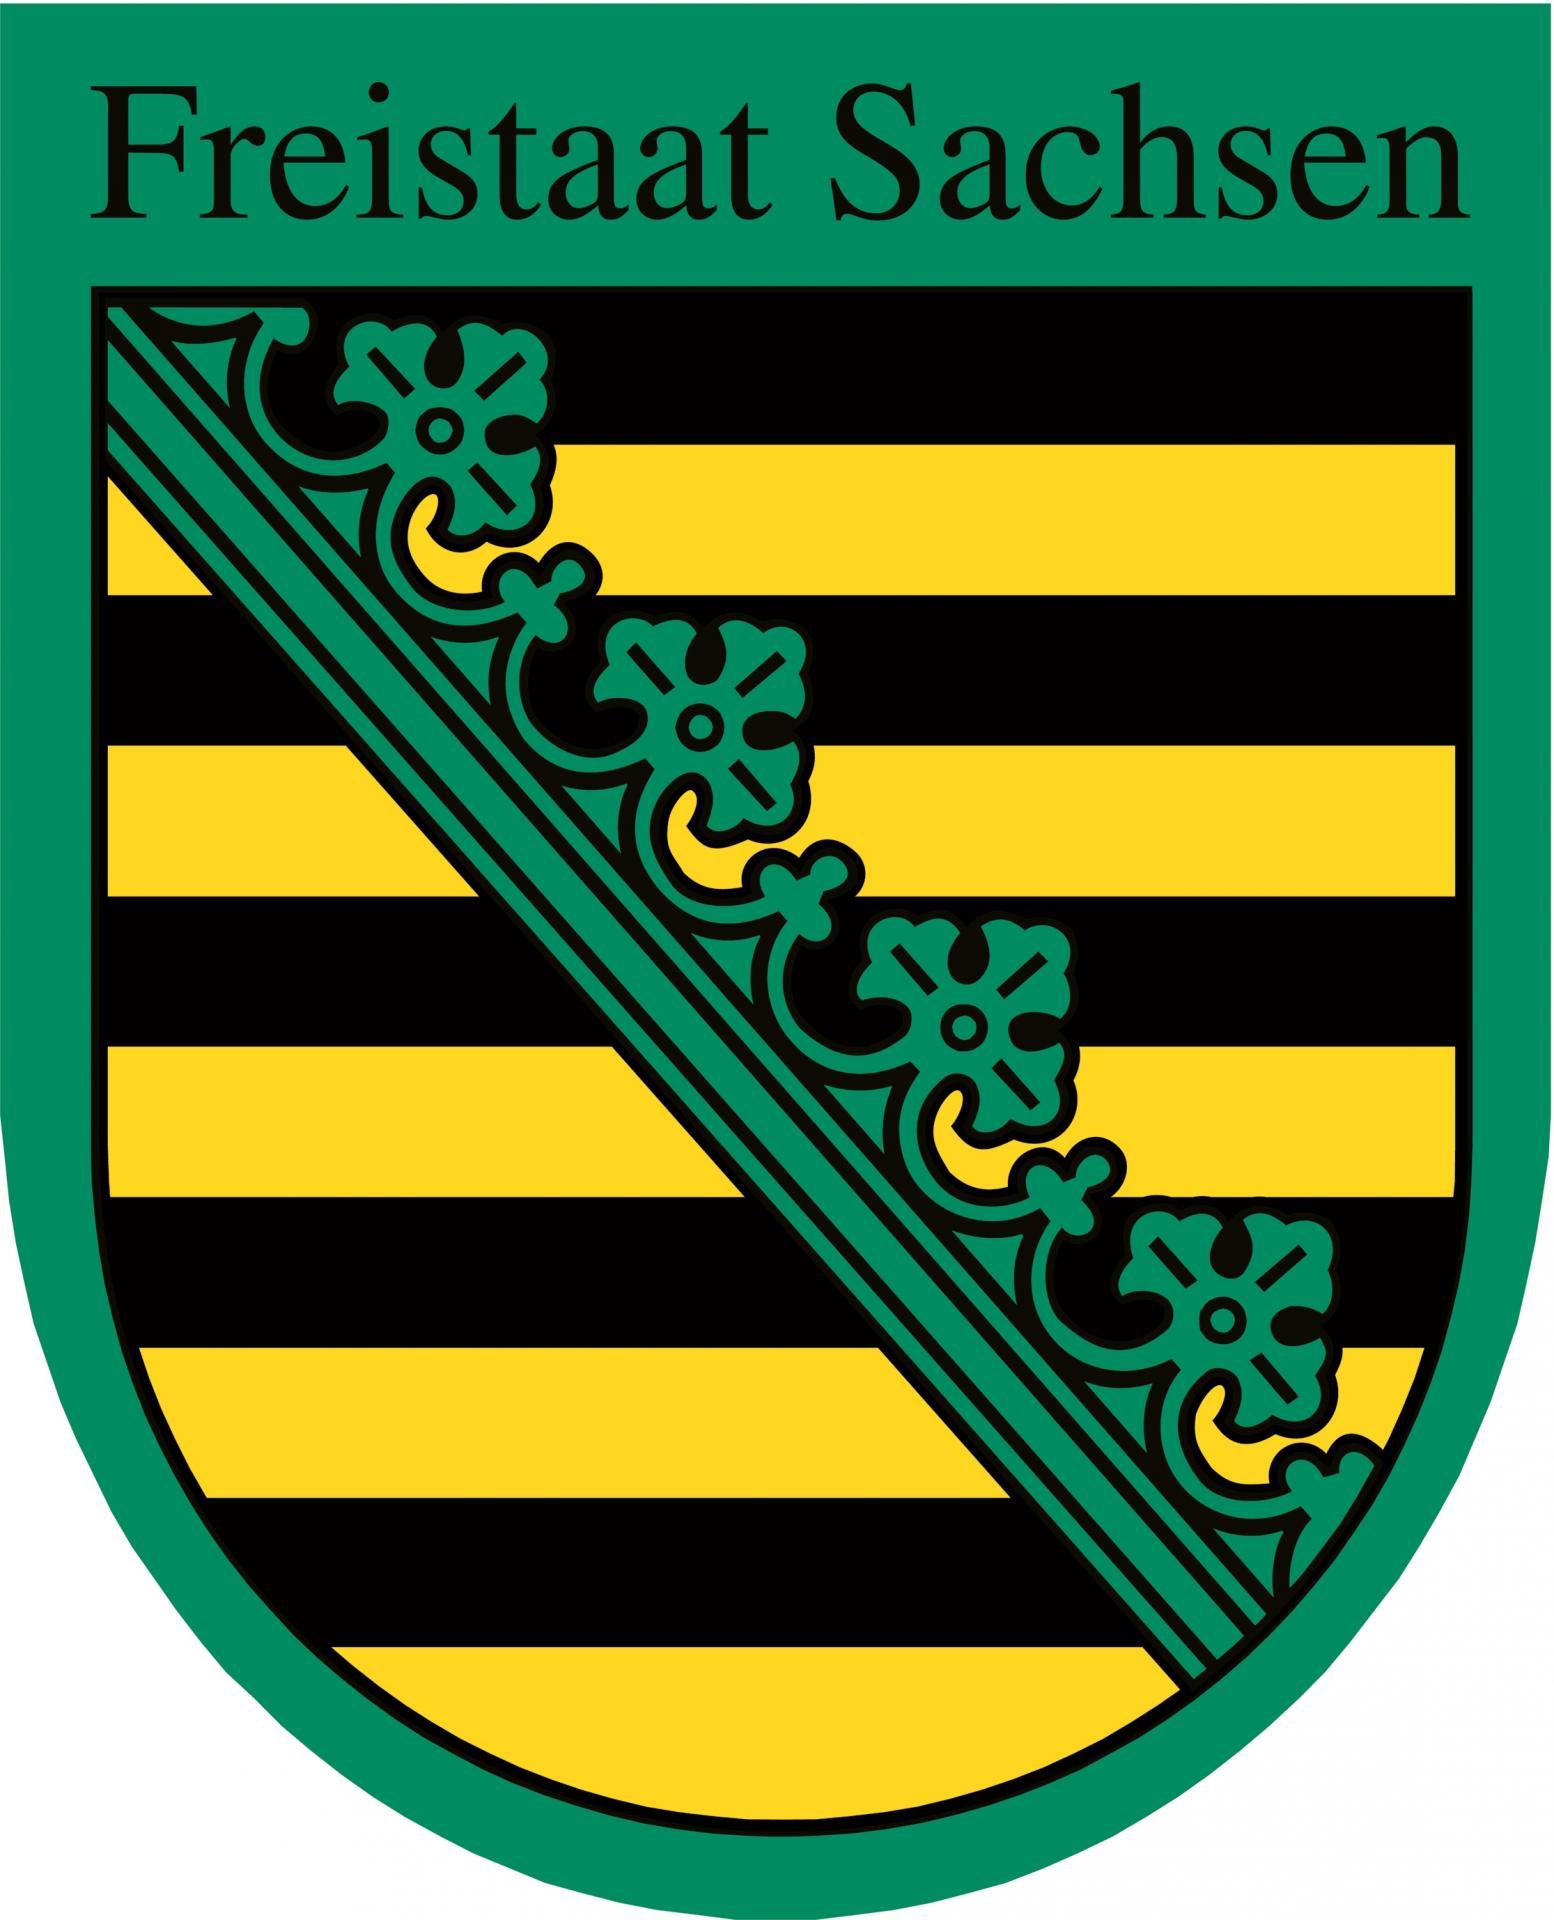 Freistaat Sachsen Wappen